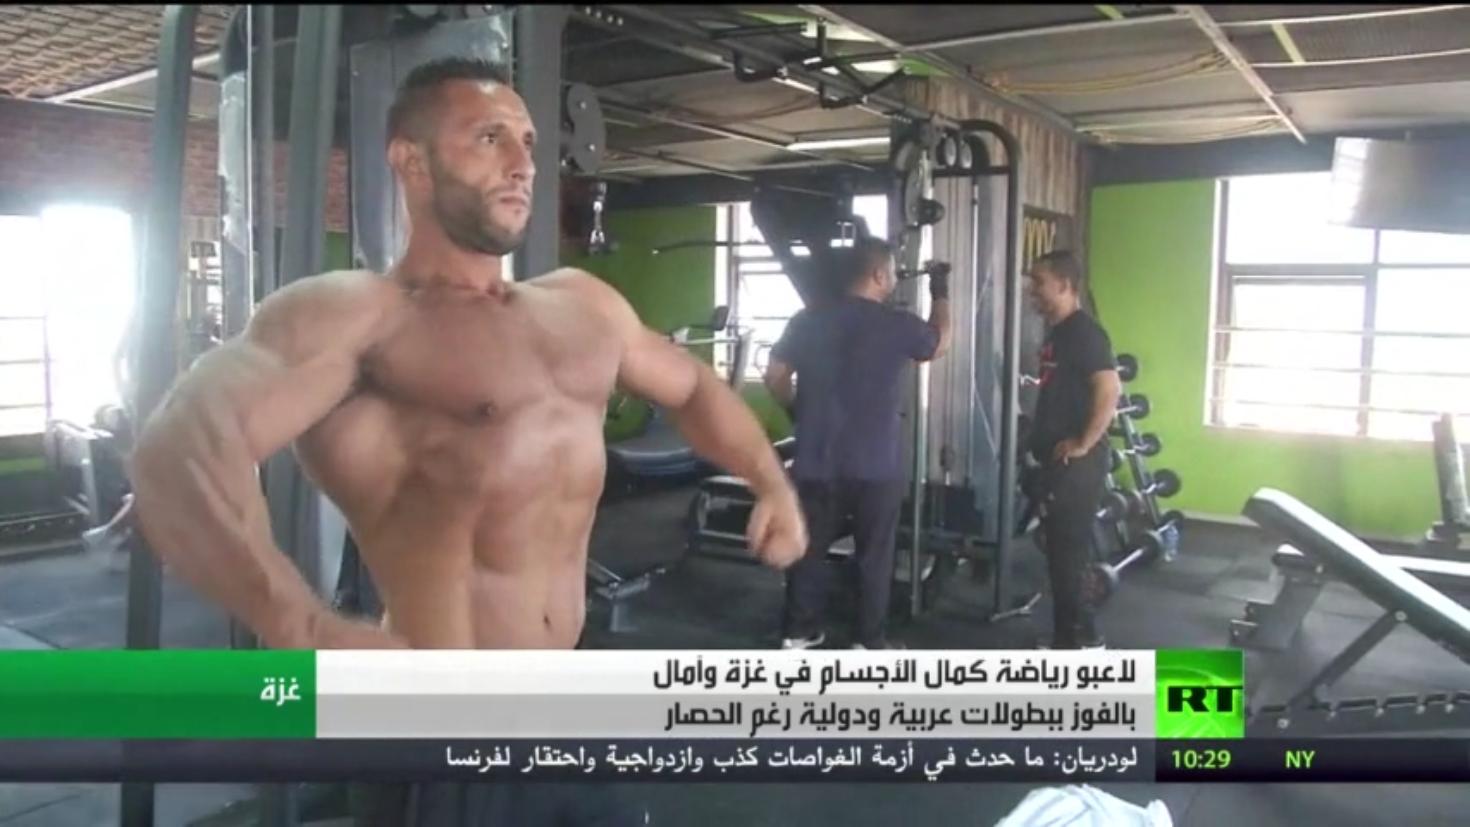 كمال الأجسام في غزة.. رياضة تحتاج للدعم